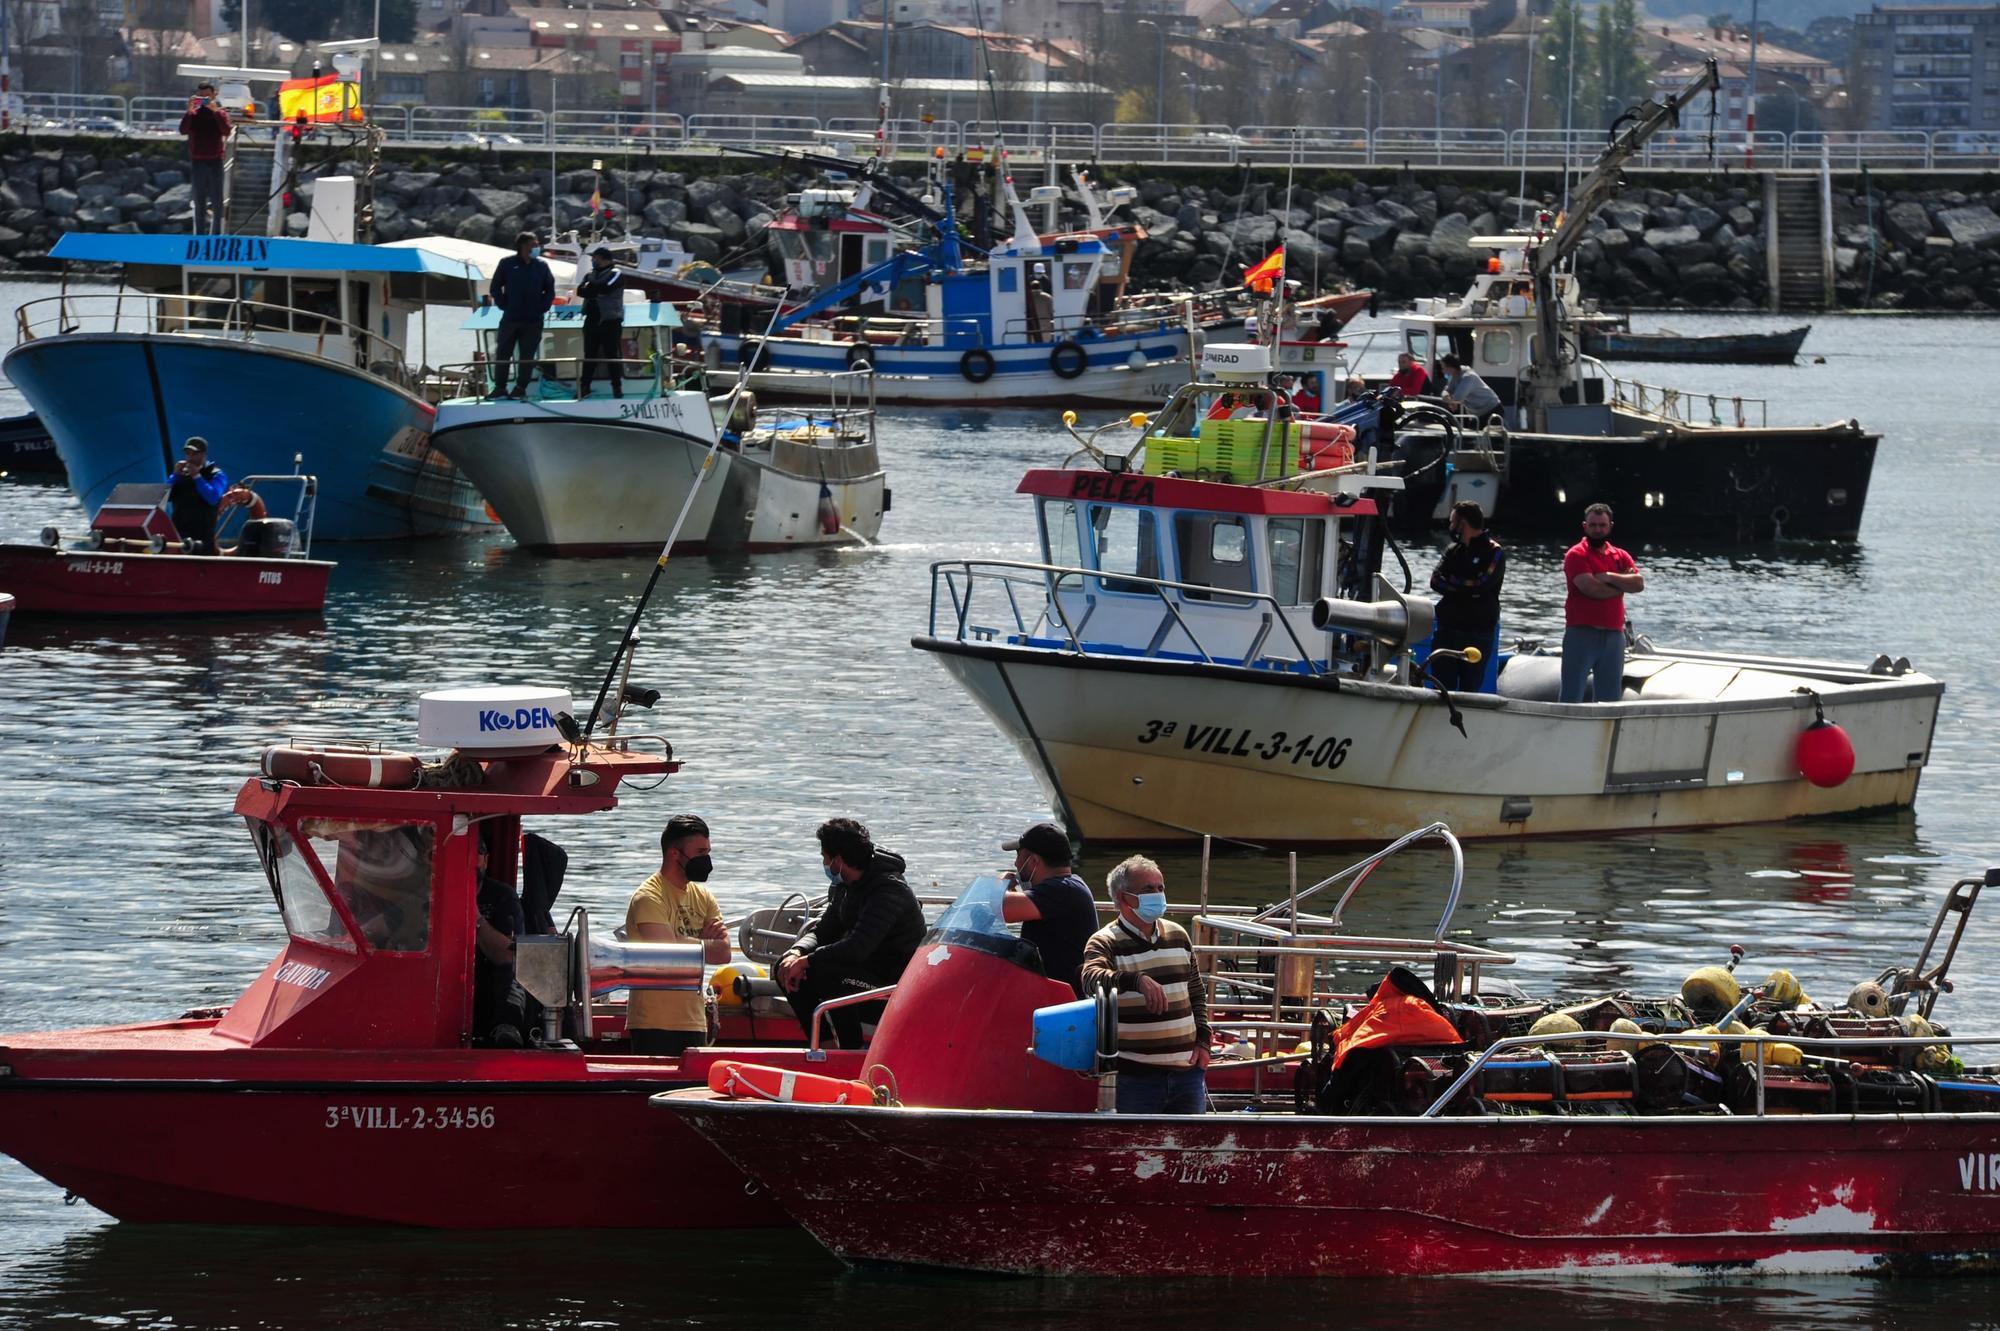 La protesta desarrollada por la flota de Cambados contra el reglamento de la UE, ayer.    Iñaki Abella (5)-min.jpg